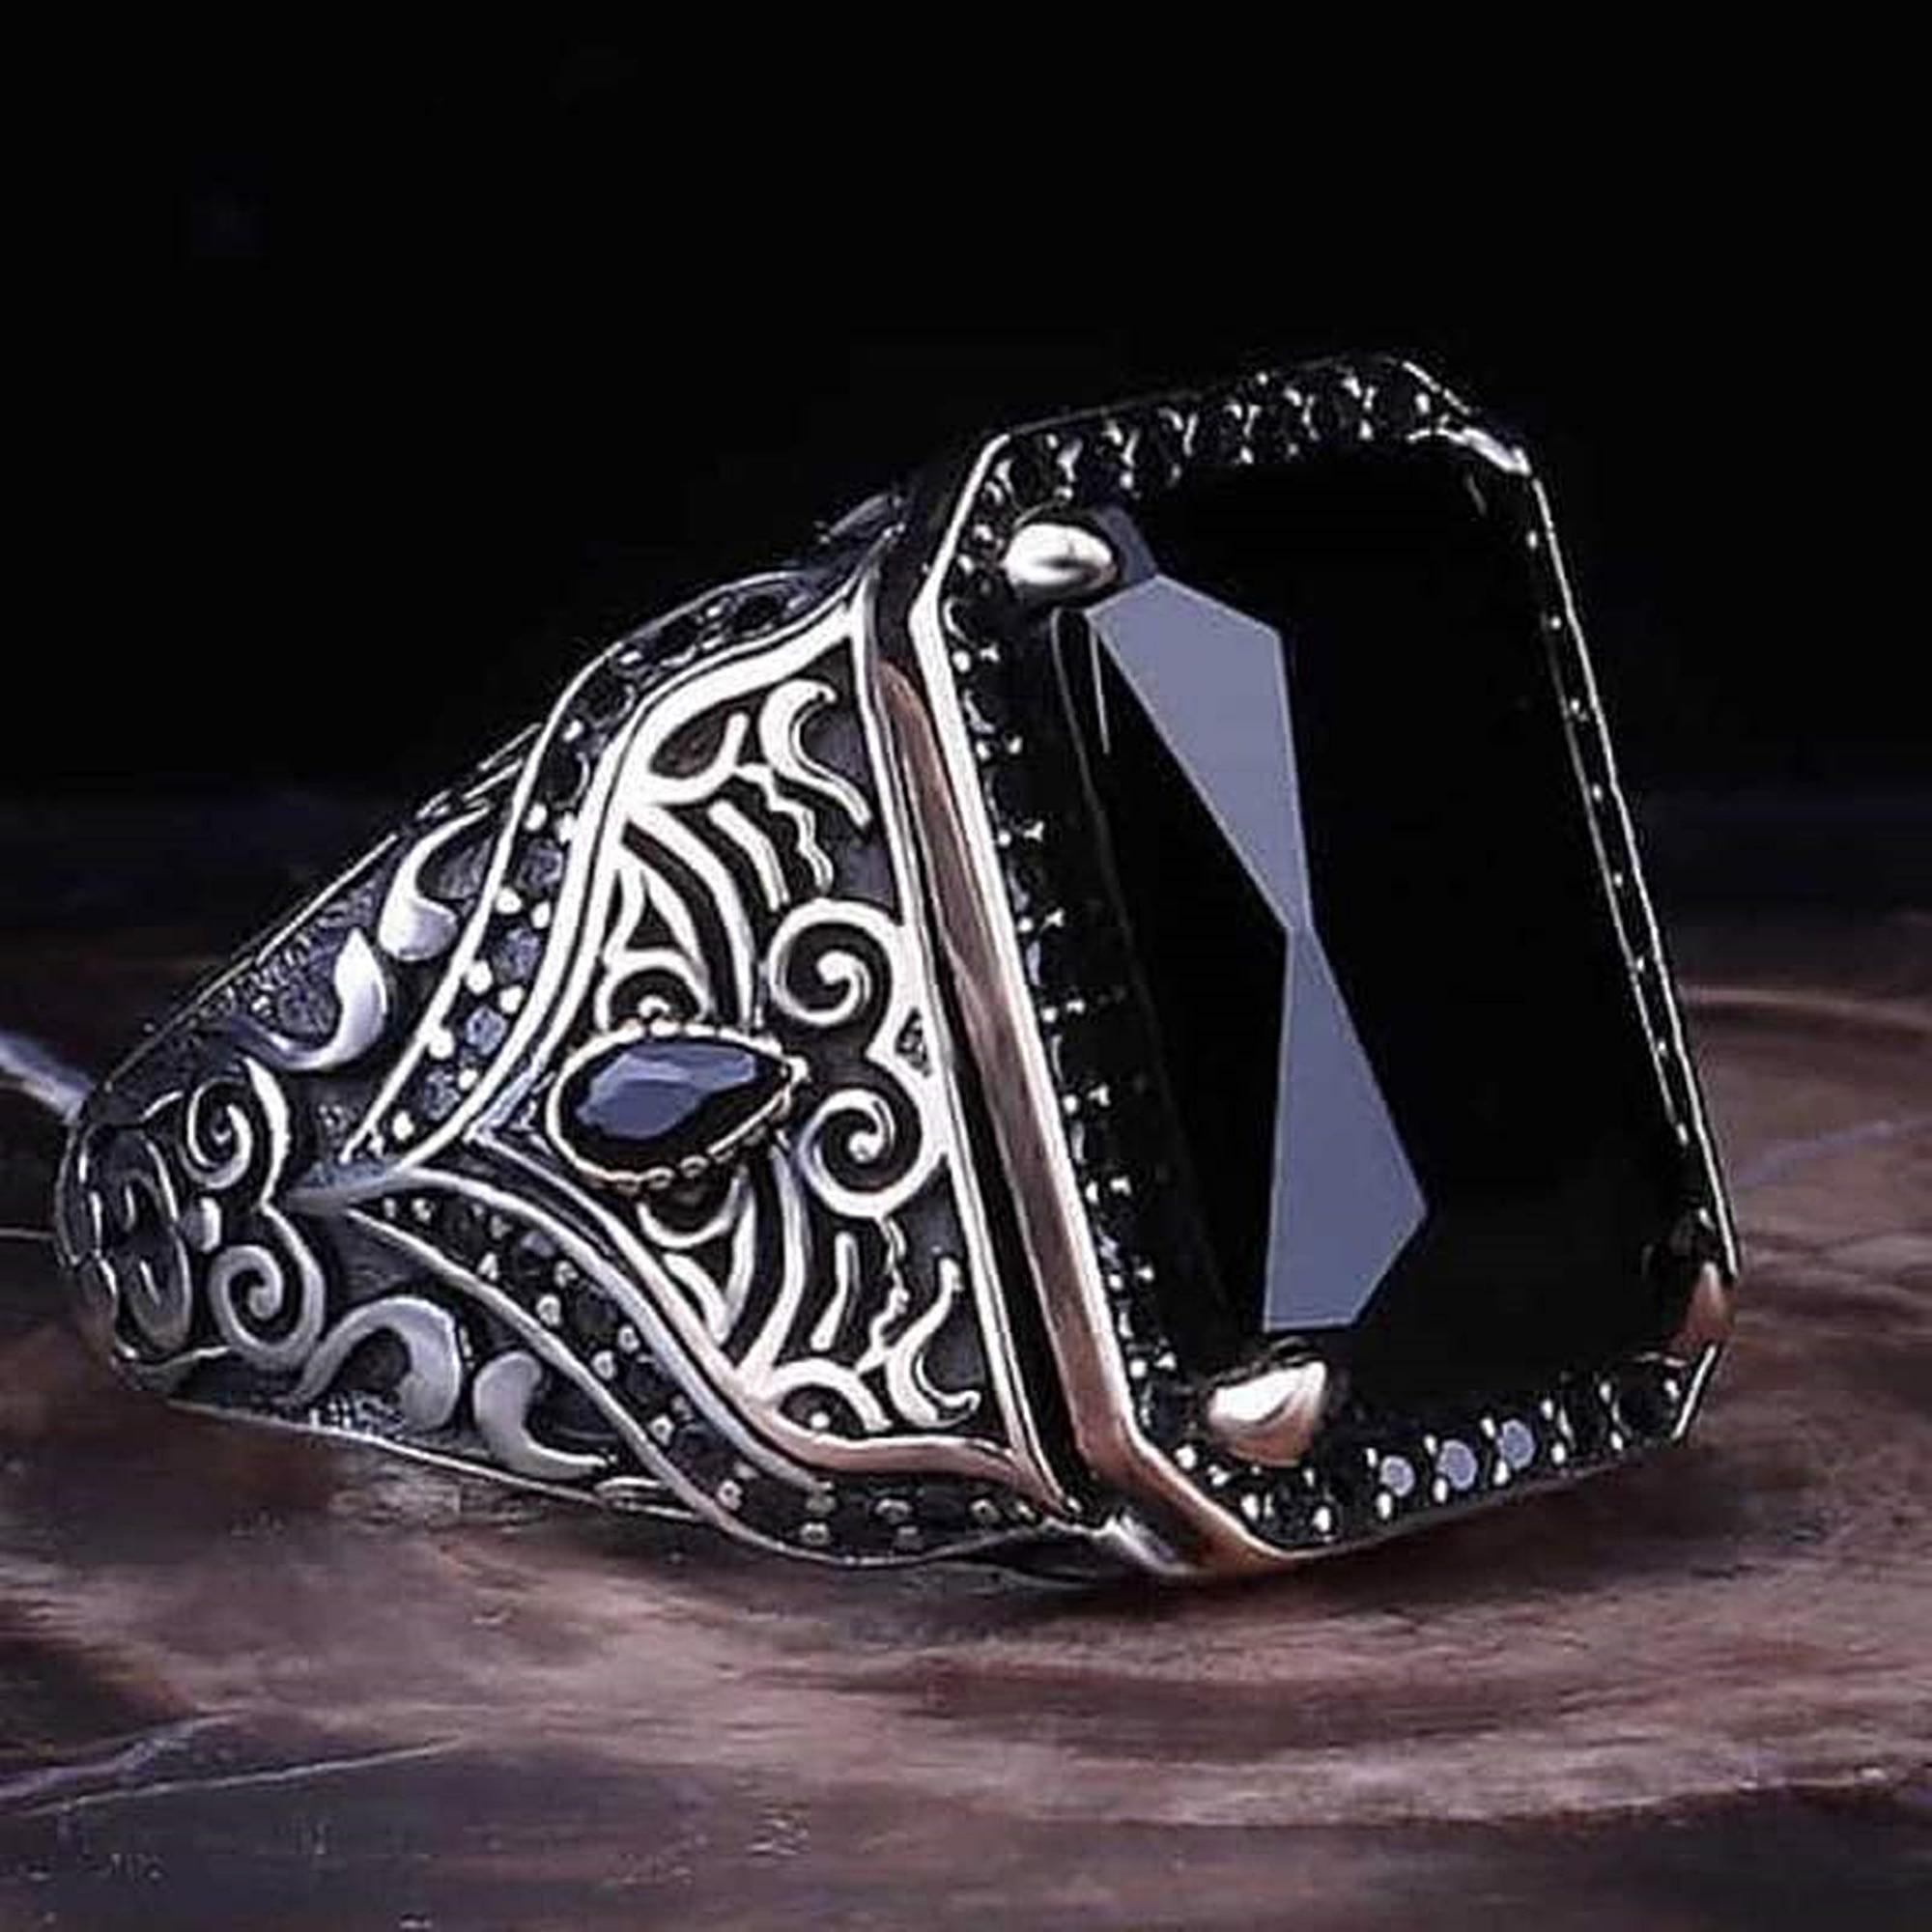 خاتم رجالي أسود من الفضة الإسترليني عيار 925 مجوهرات تركية مصنوعة يدويًا بمقاس موحد